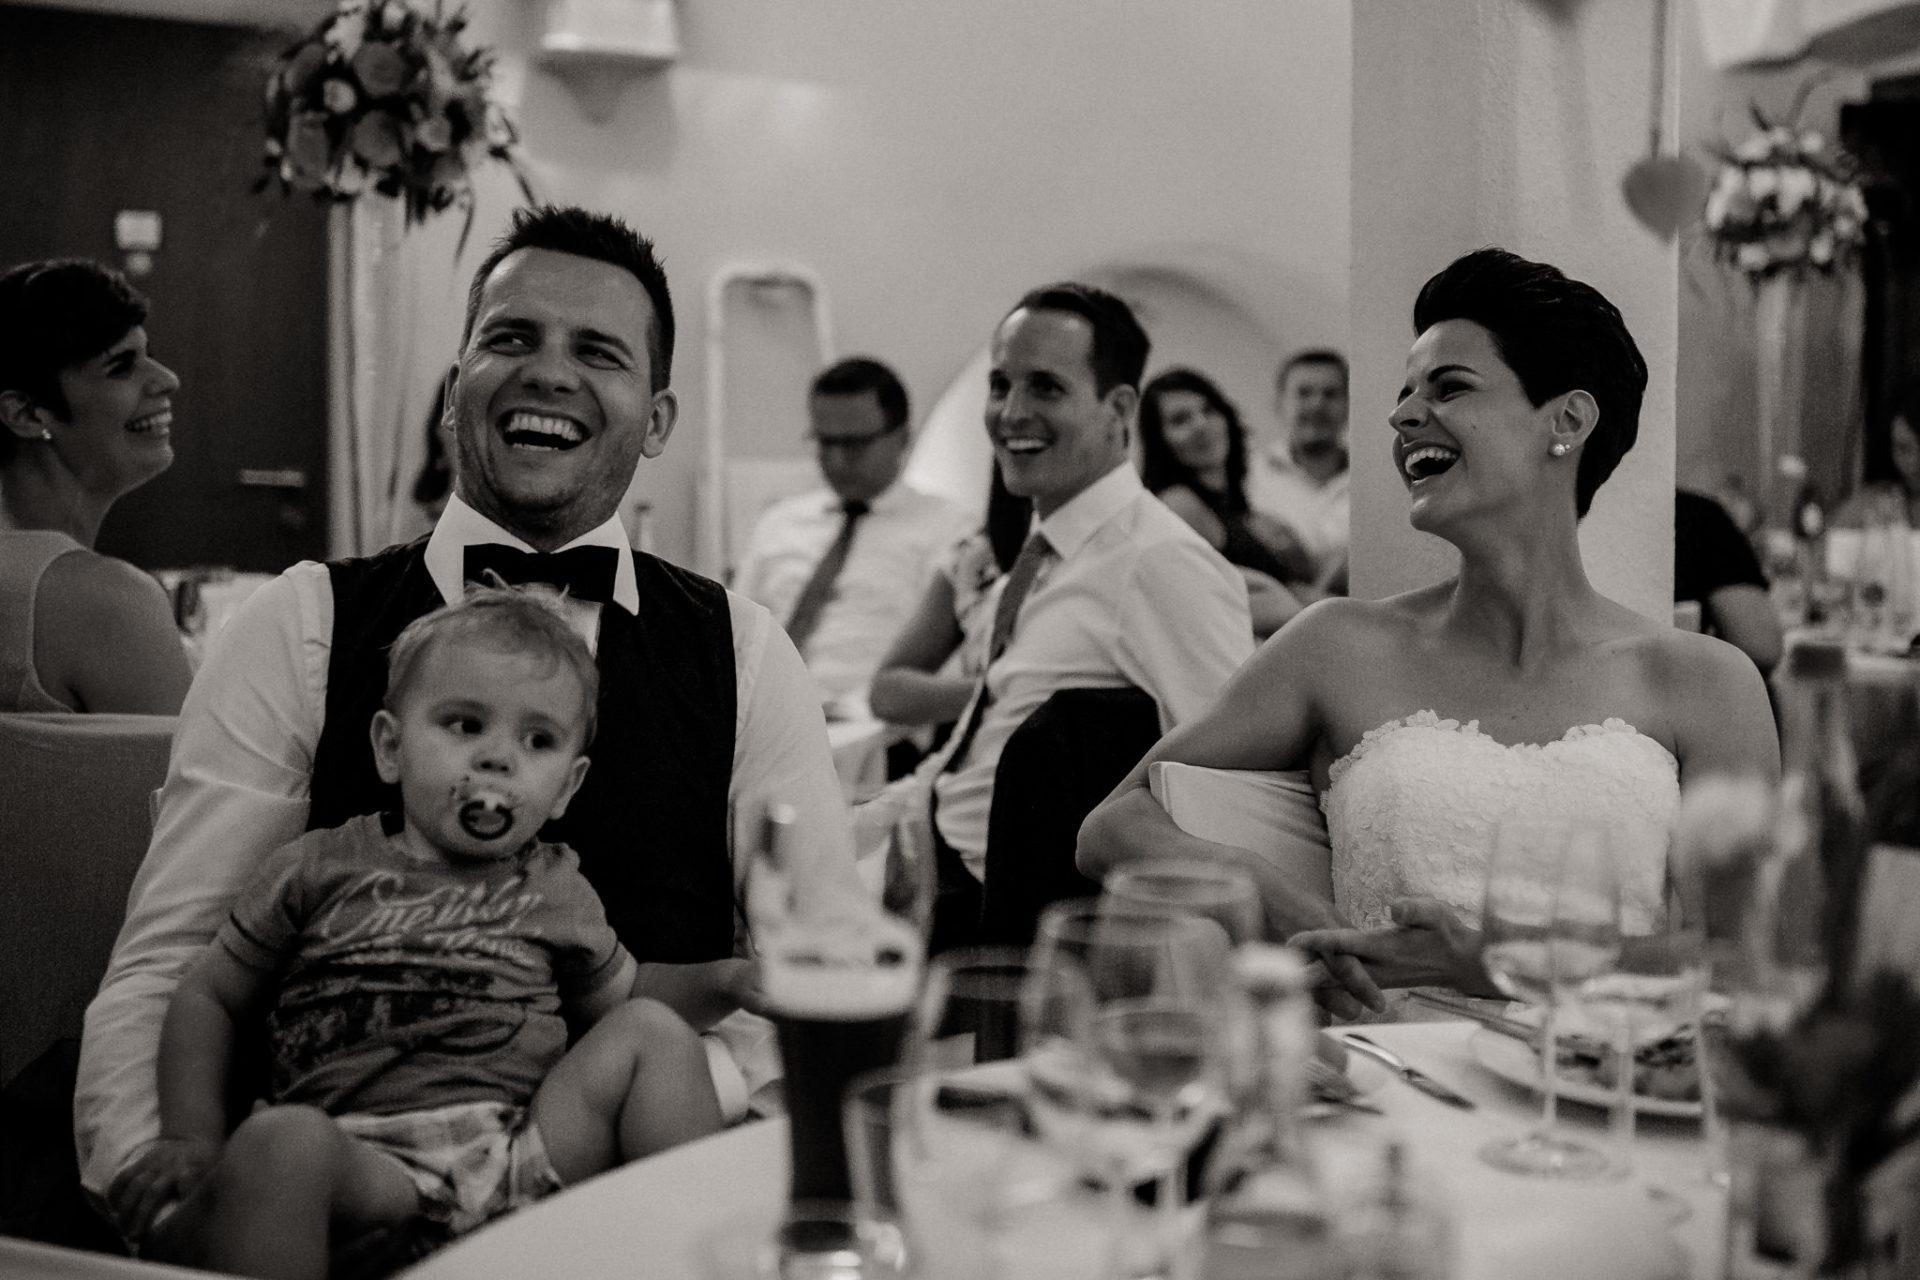 Weingut Fitz Ritter Hochzeitsfotograf-heiraten Pfalz-Sommerhochzeit Feier Essen